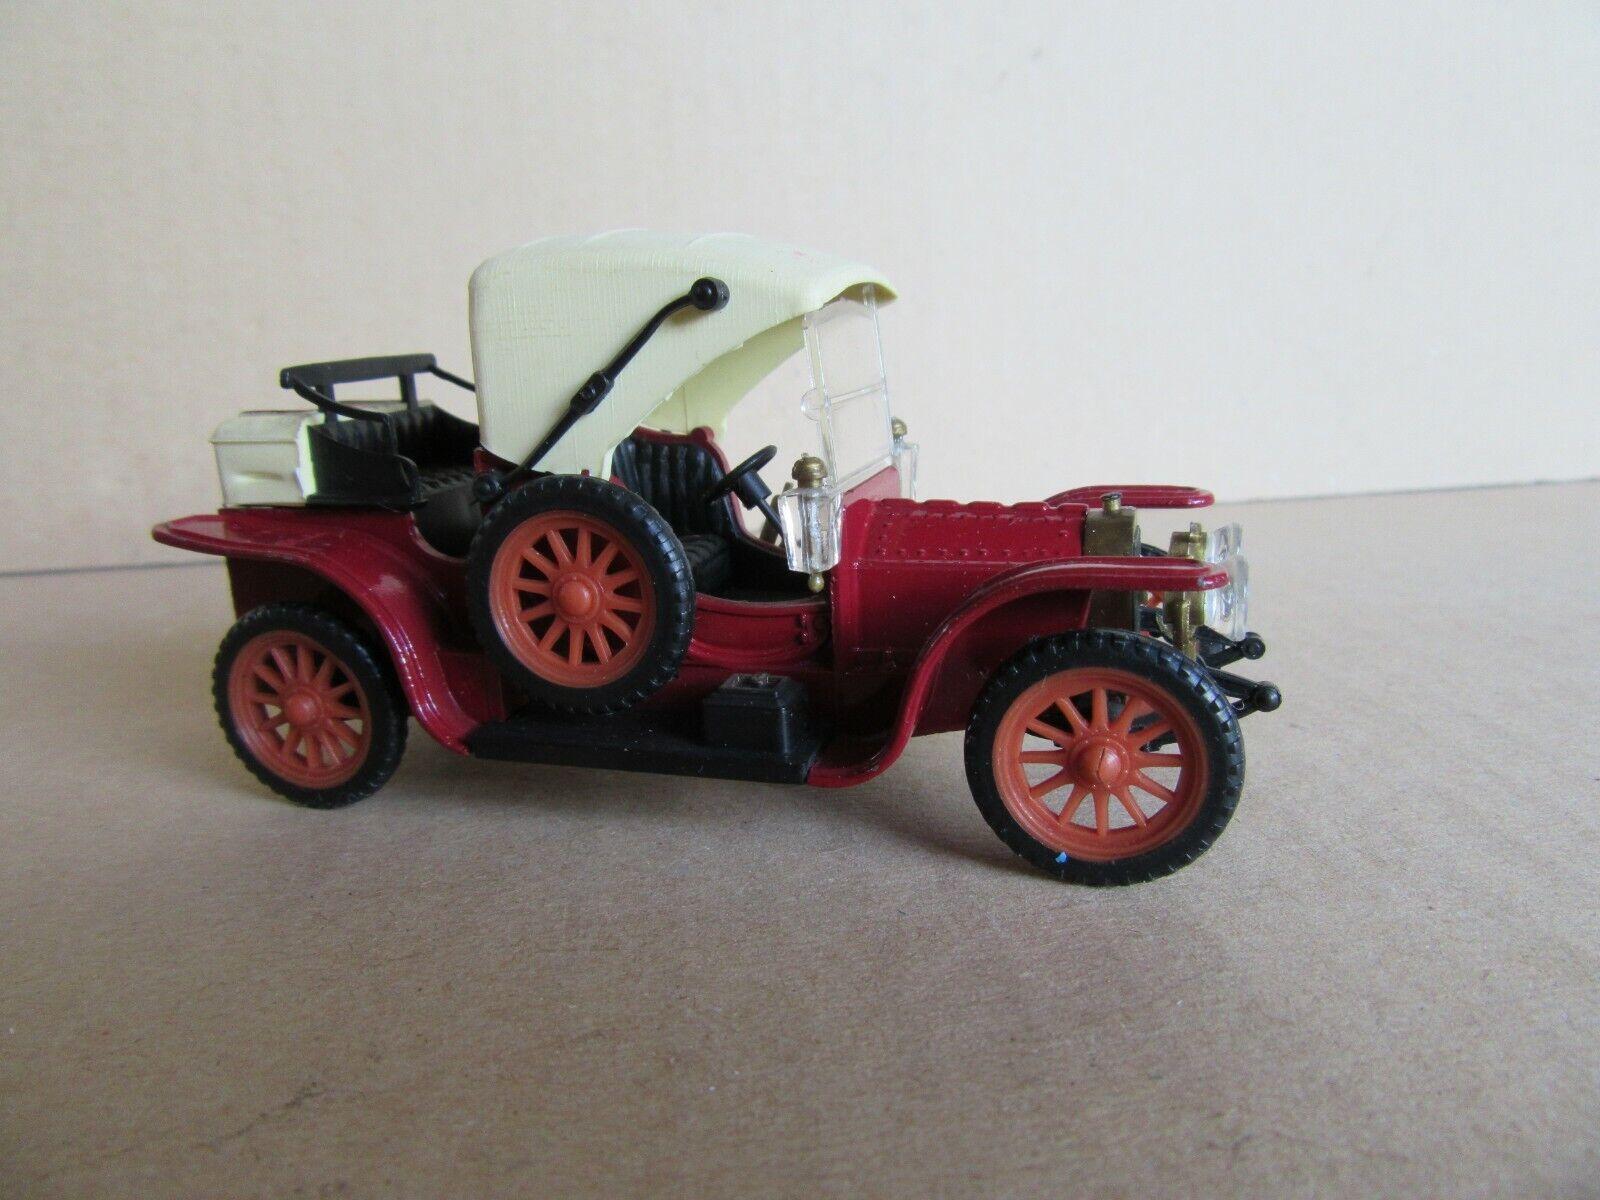 66J Rw Modell Mercedes Kettenwagen 1905 1 43